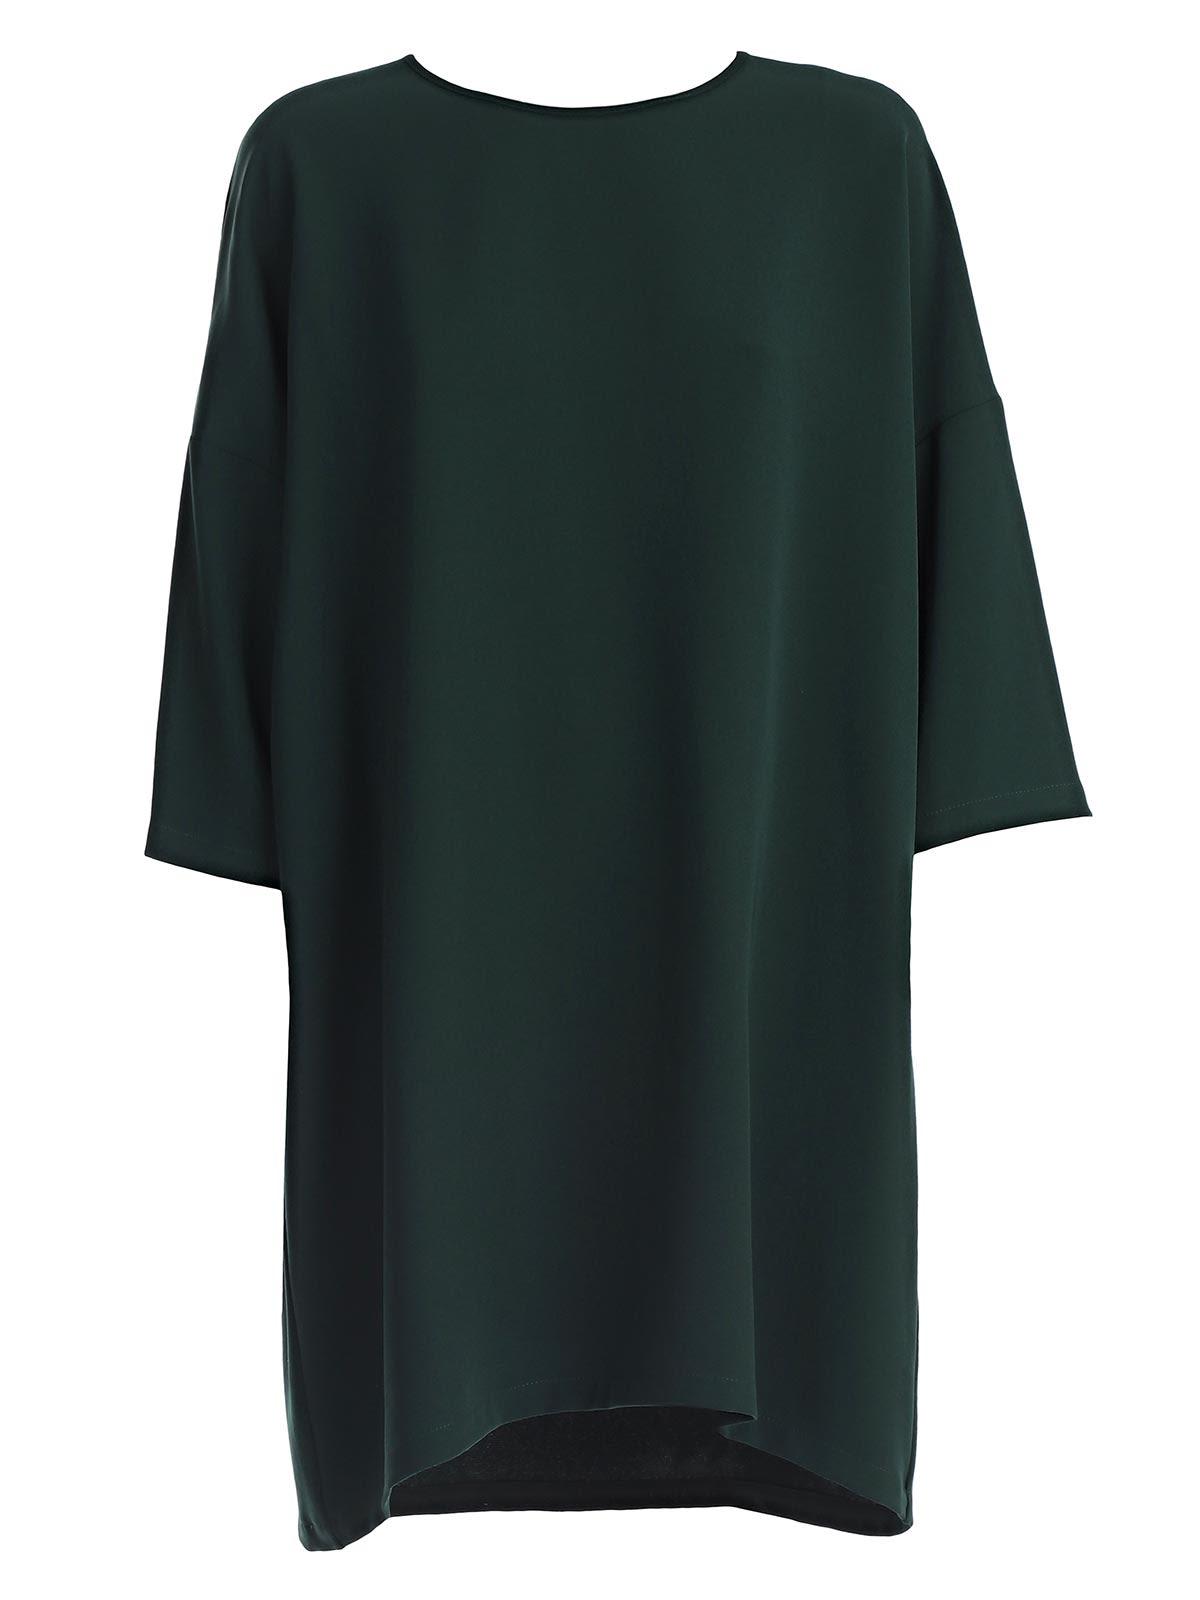 PAROSH JERSEY MINI DRESS